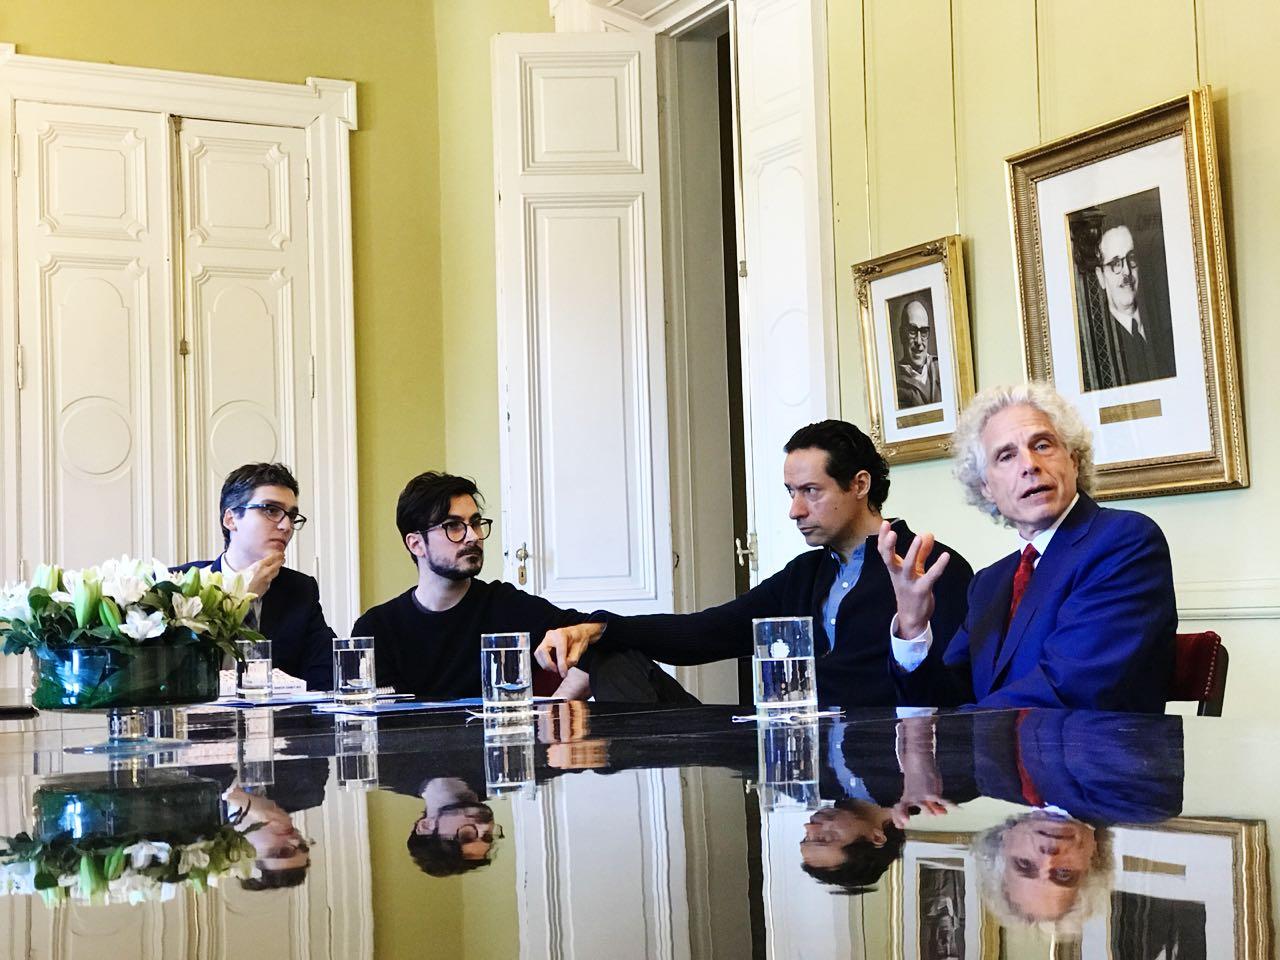 Pablo Marzocca, Valentín Muro, Iván Petrella y Steven Pinker en el Salón de los Científcos, en la Casa Rosada.